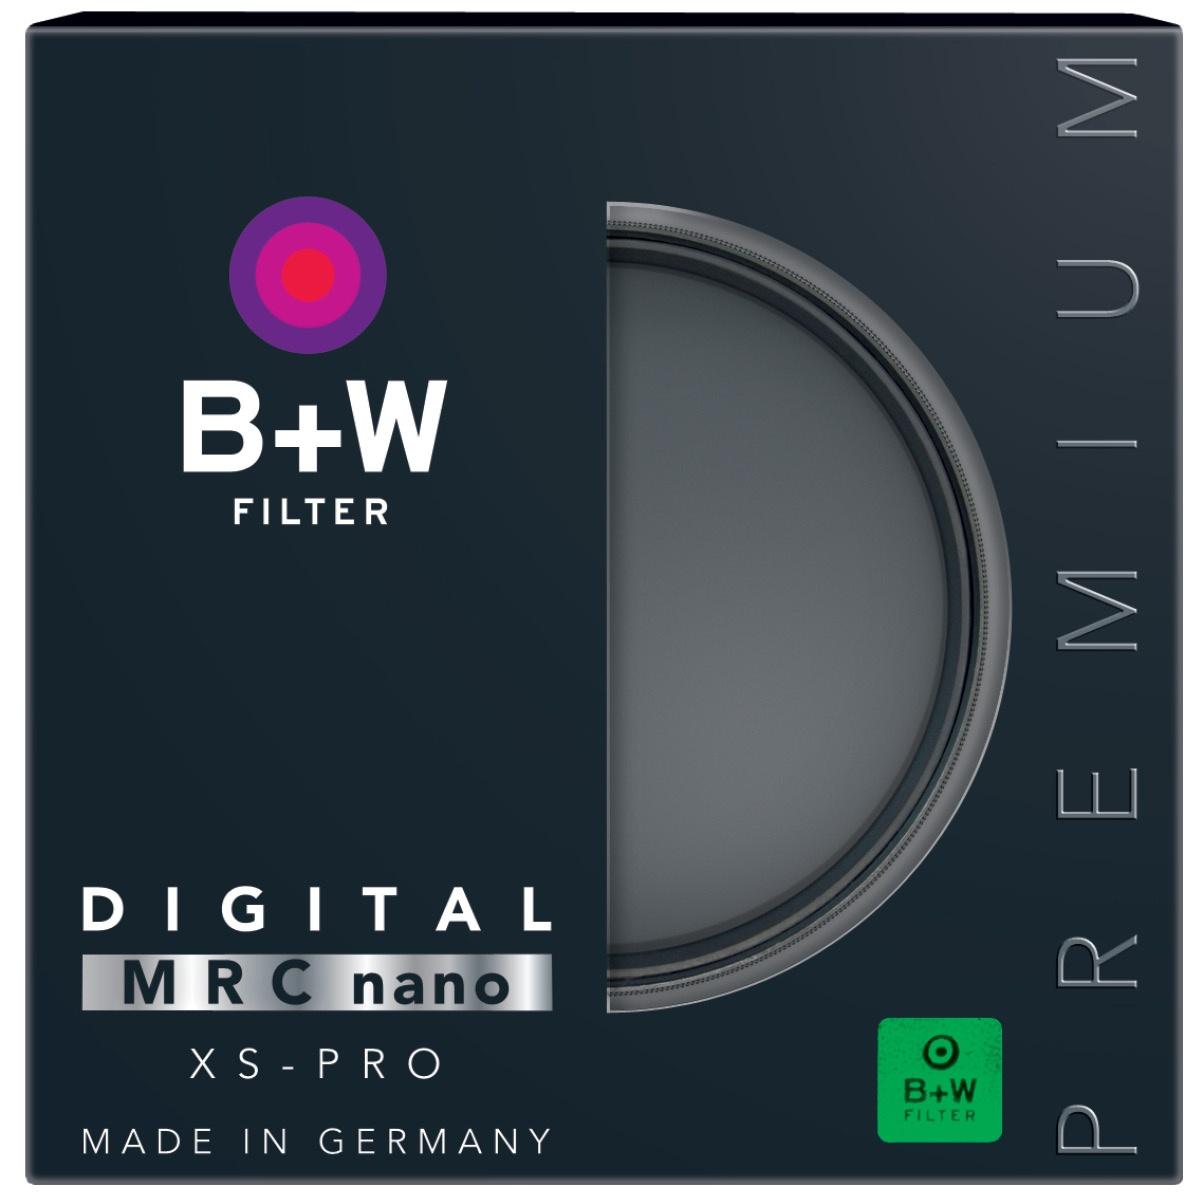 B+W Clear Filter 46 mm XS-Pro